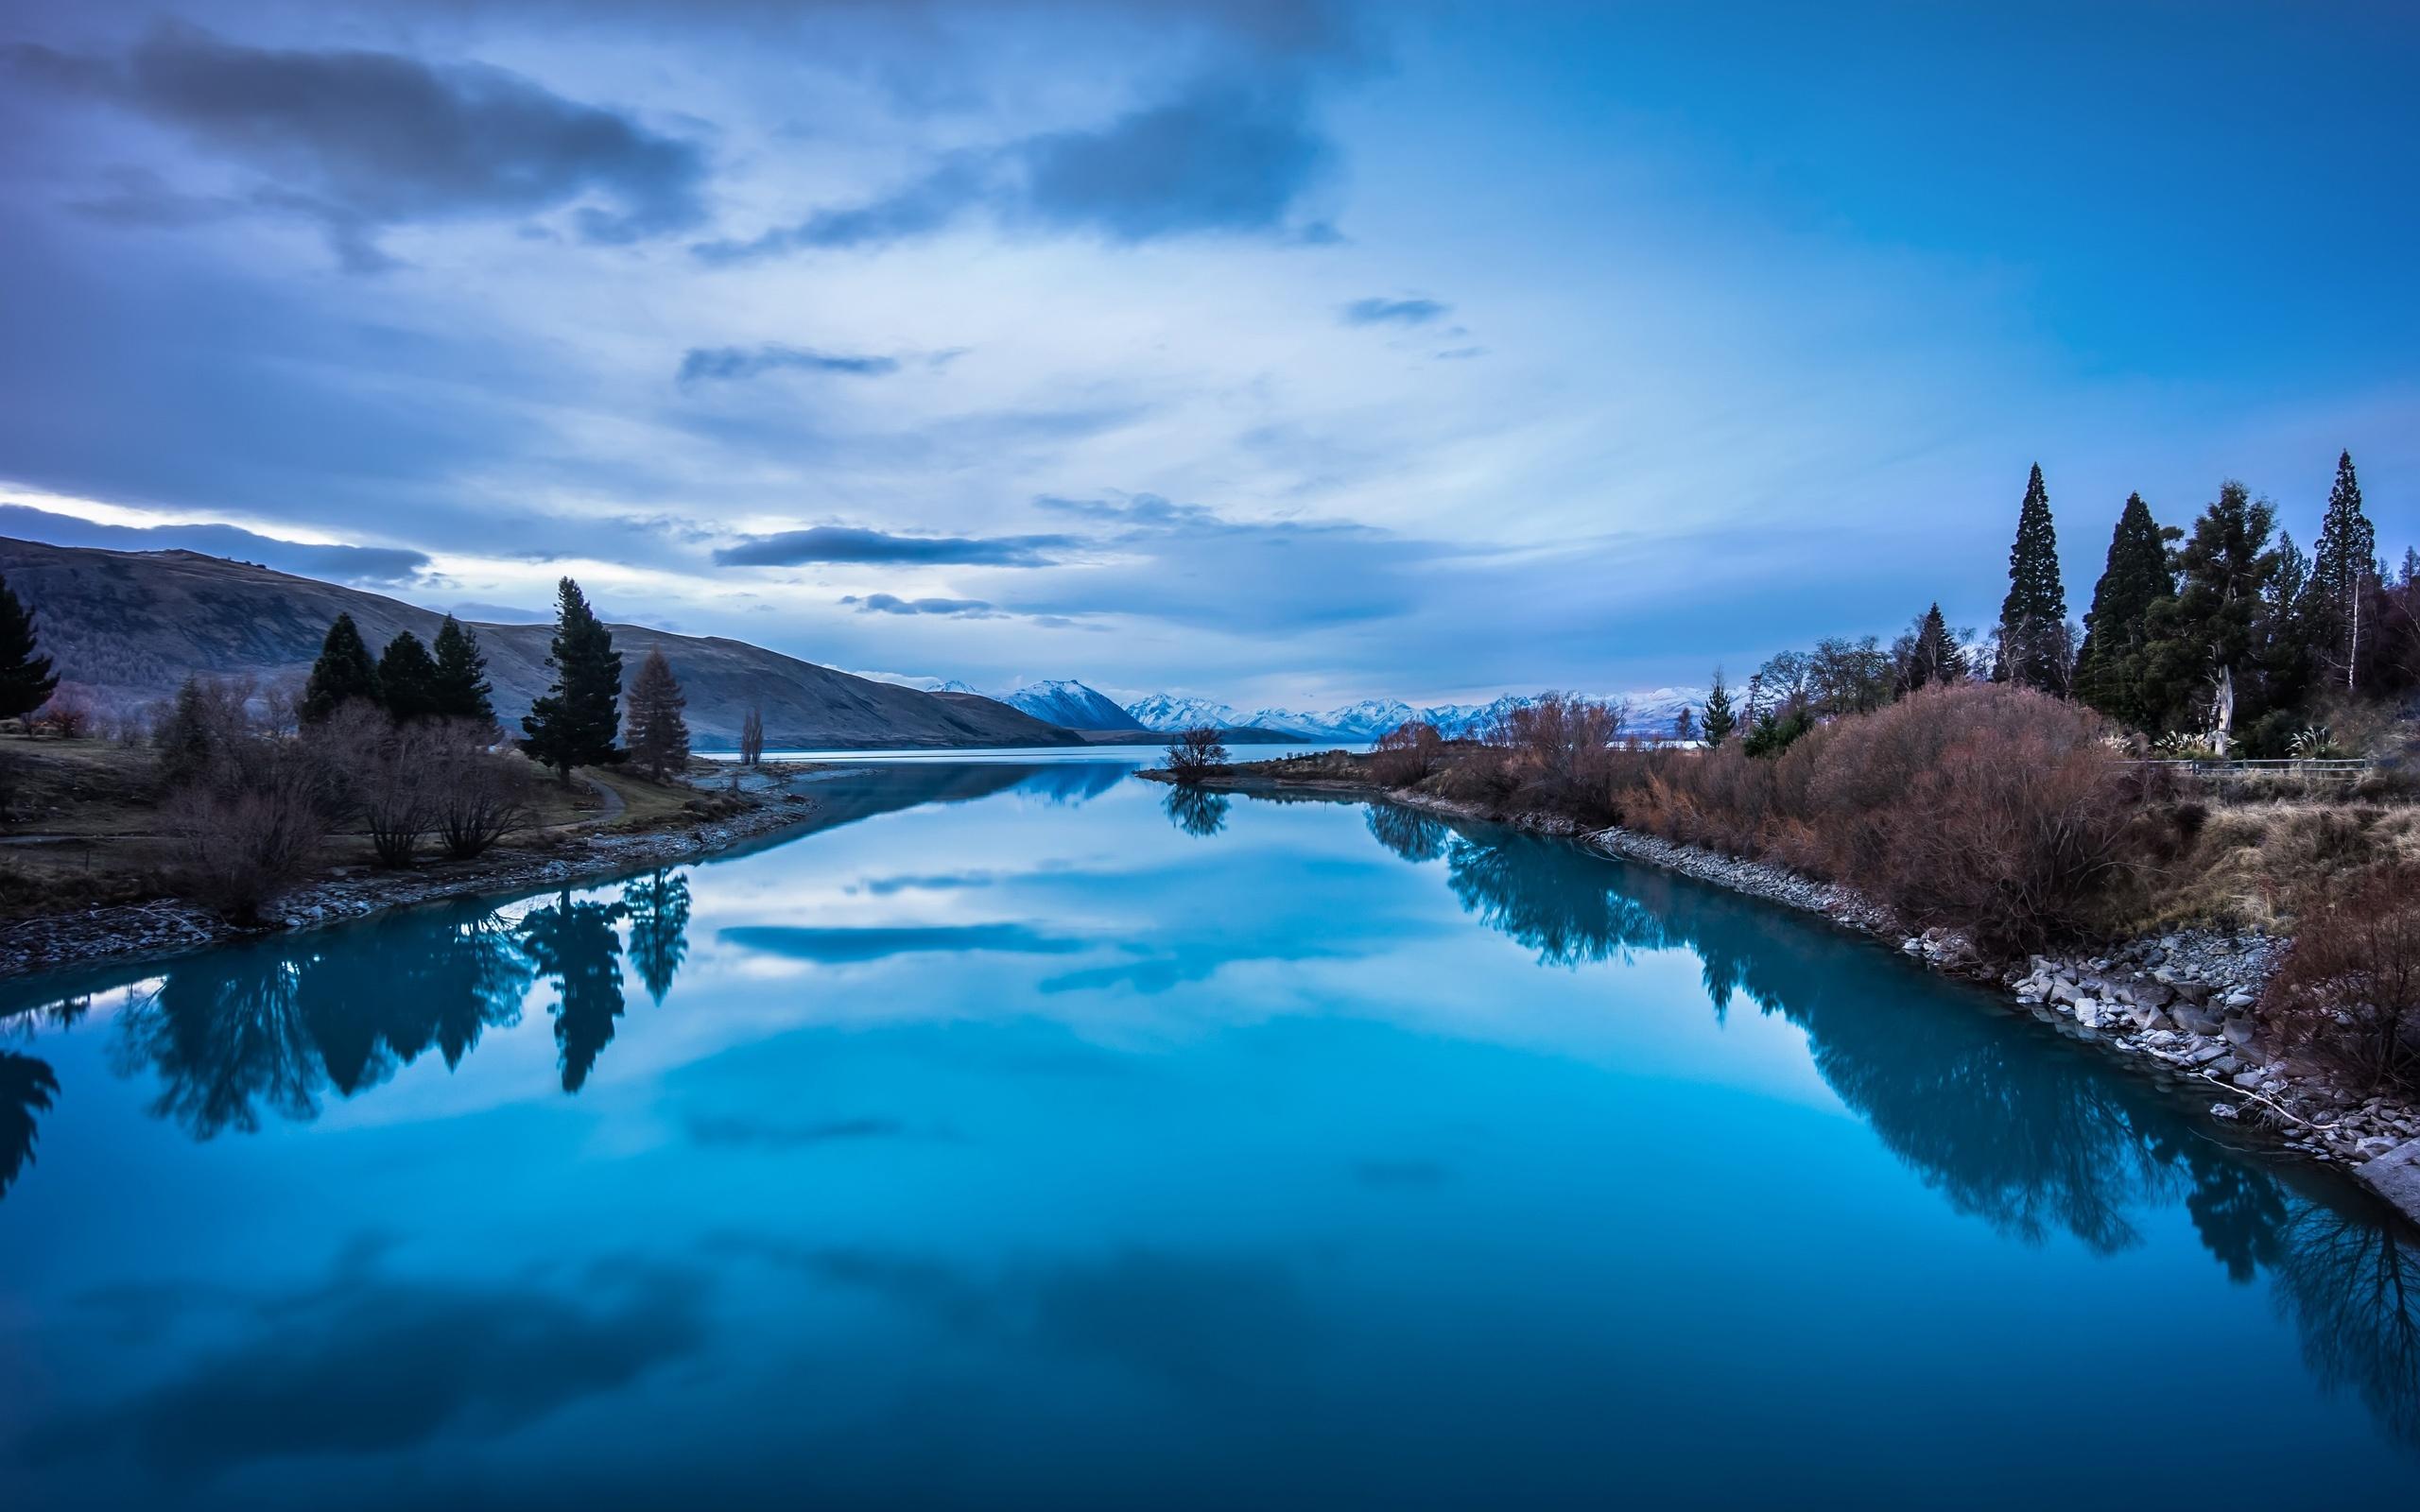 푸른 자연 풍경, 산, 호수 반사 배경 화면 | 2560x1600 배경 화면 다운로드 | KR.Best-Wallpaper.Net